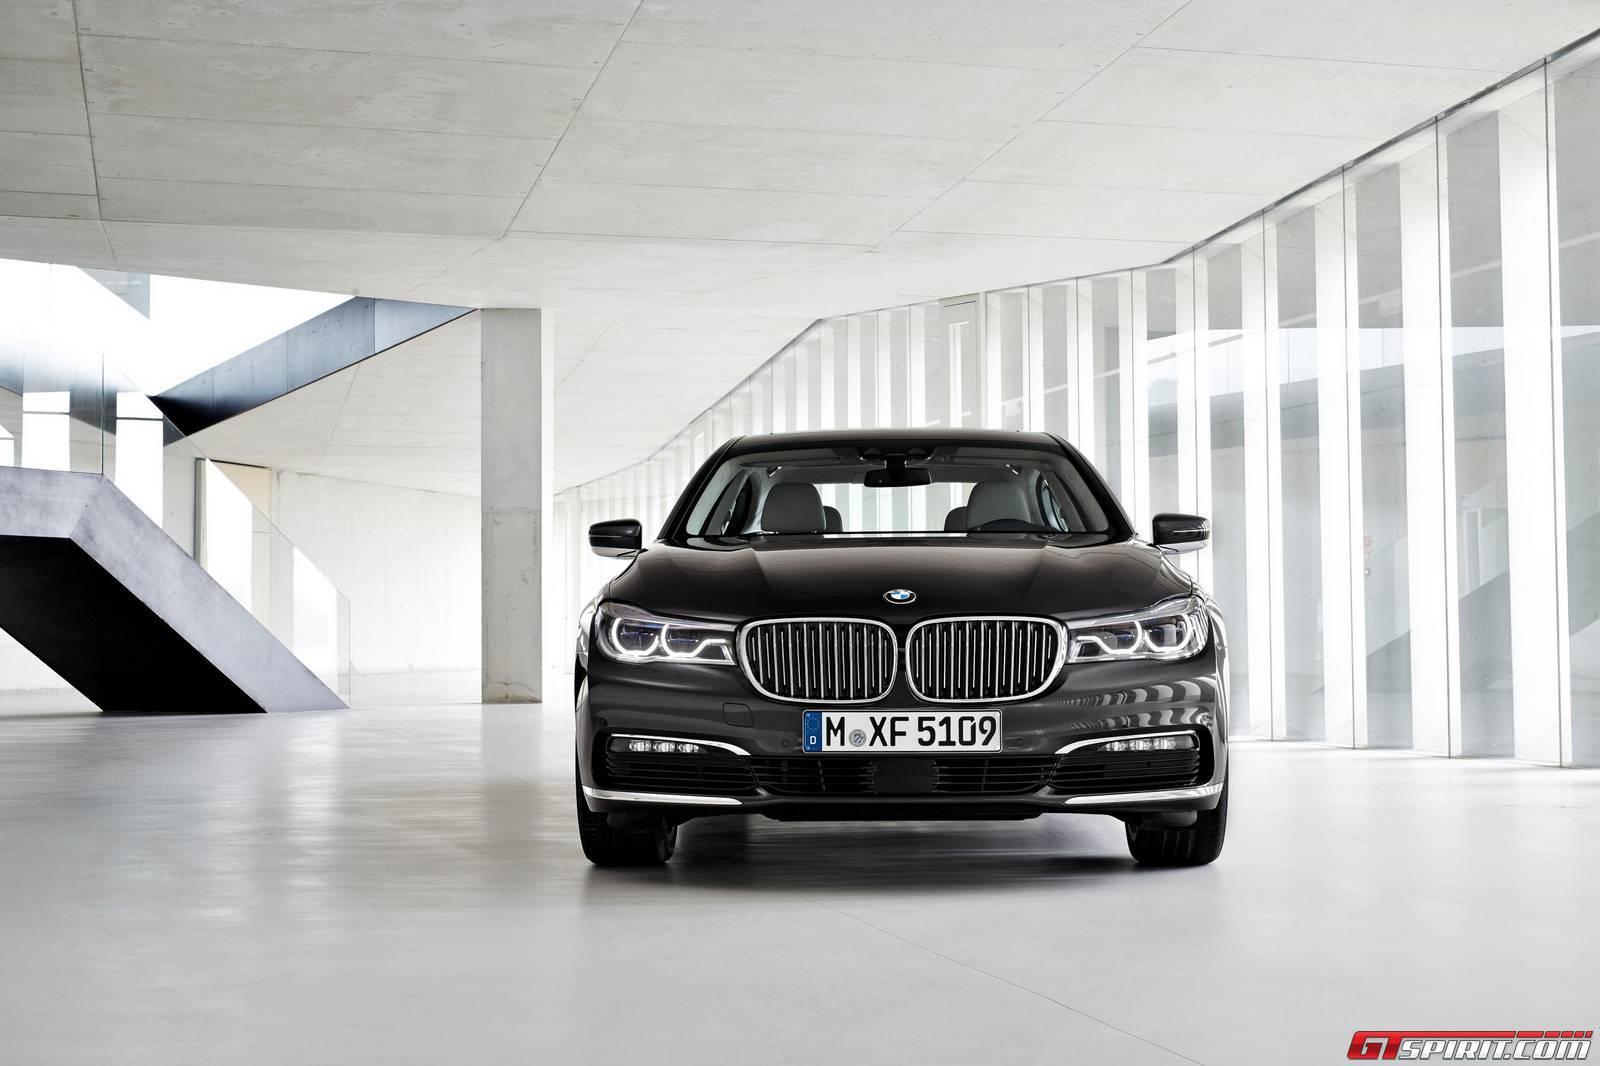 BMW 760Li getting Rolls-Royce V12